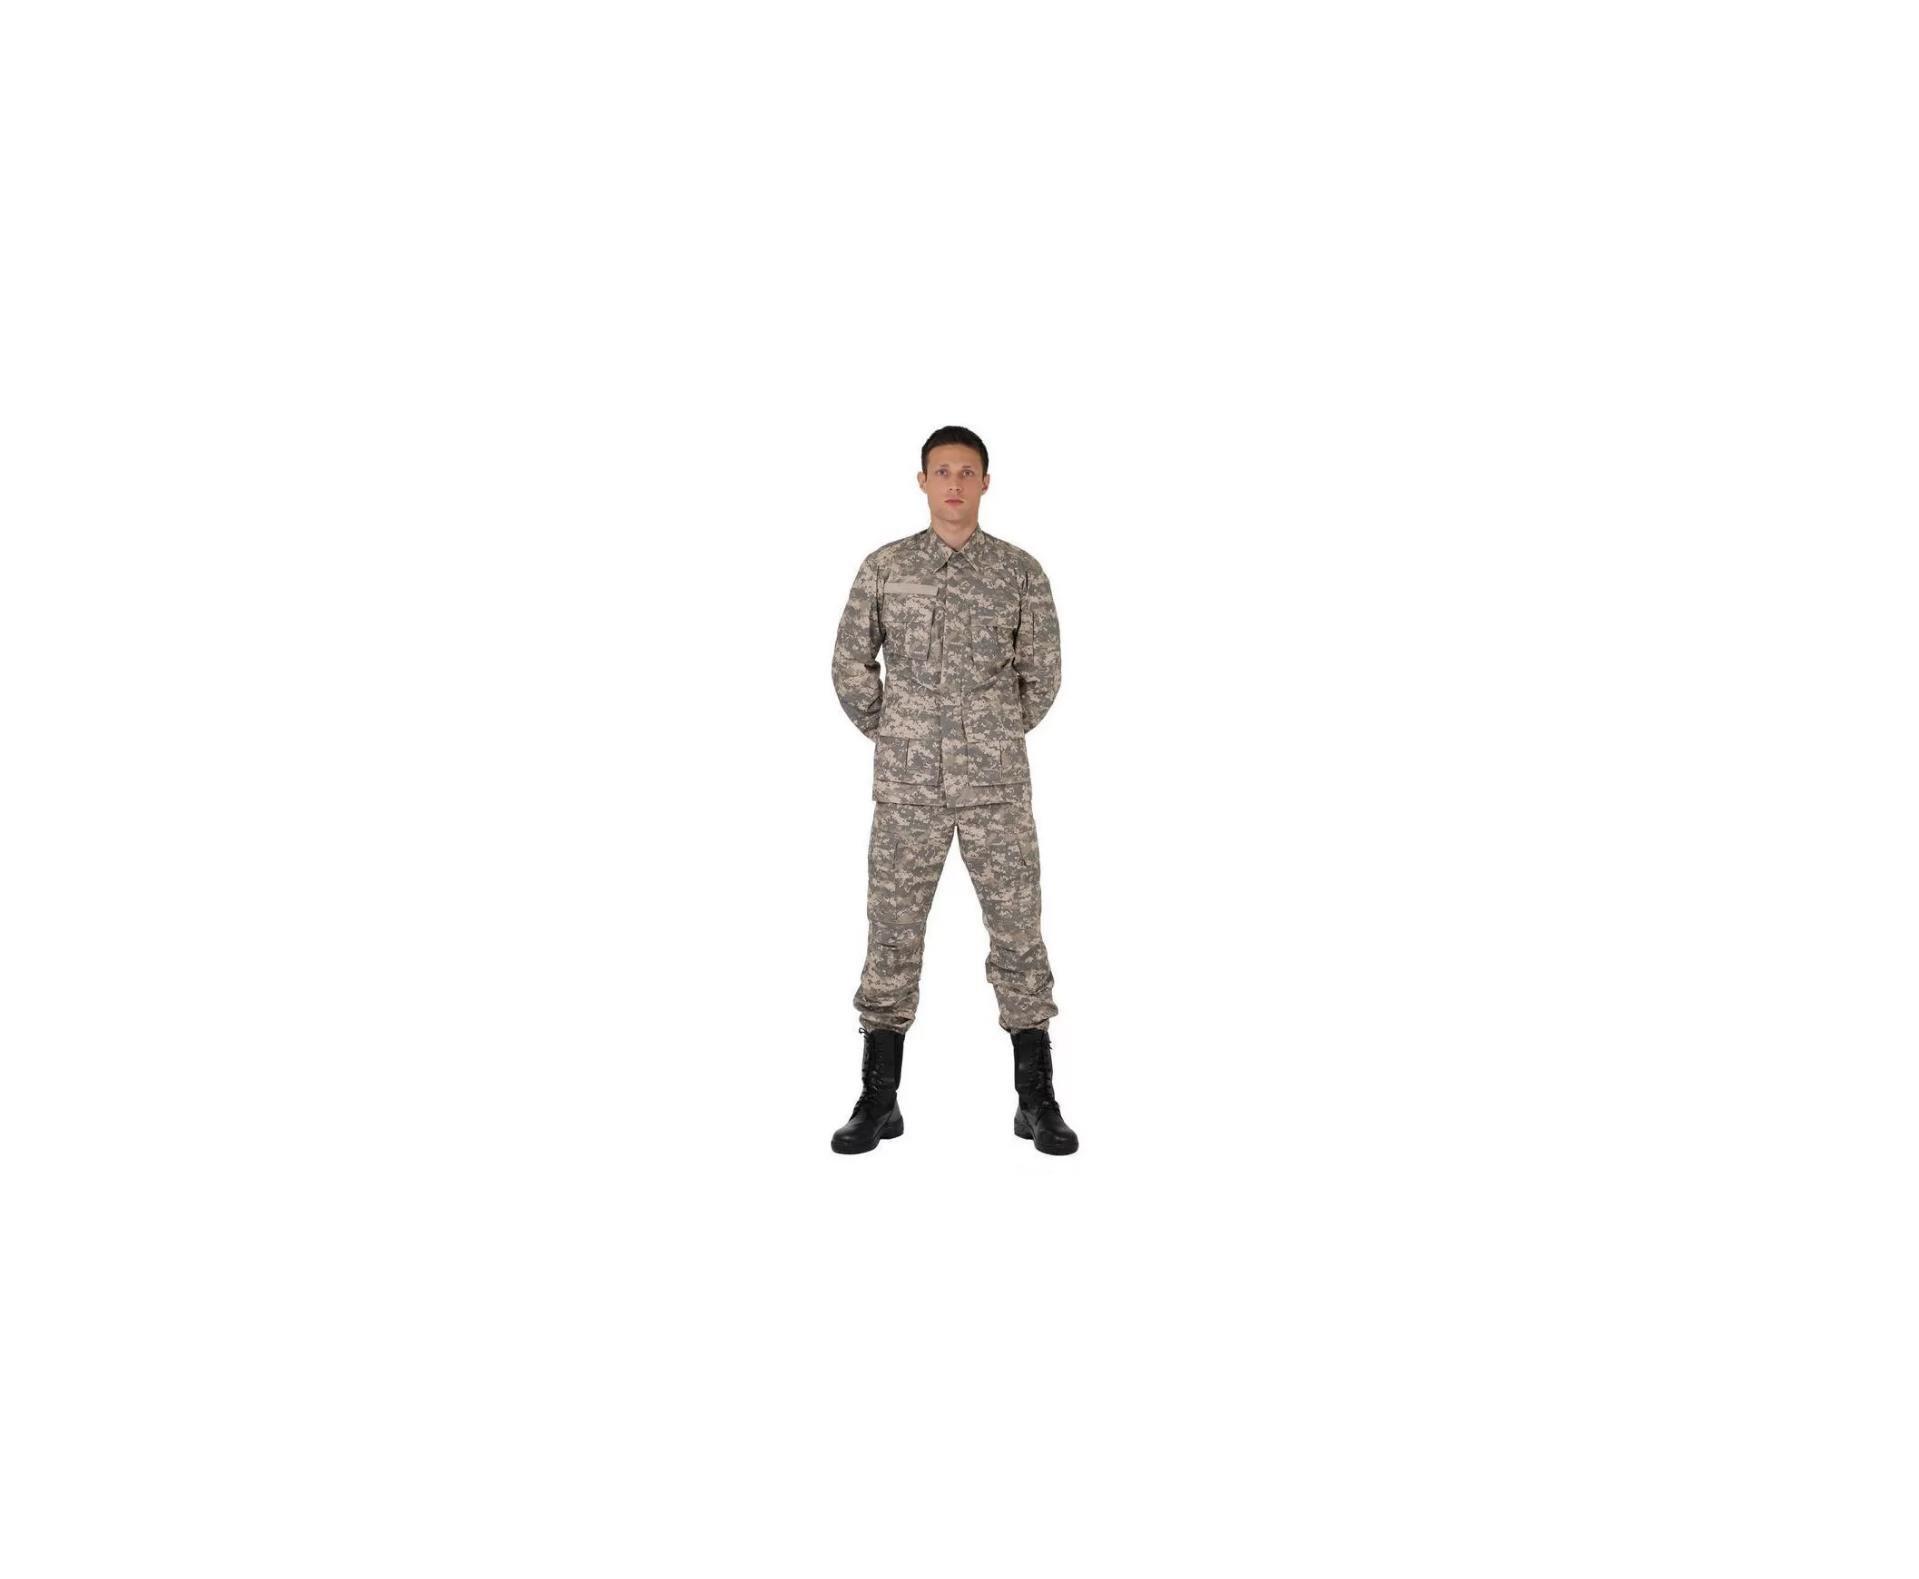 Farda Combate Ripstop Camuflado Digital Areia - Bravo